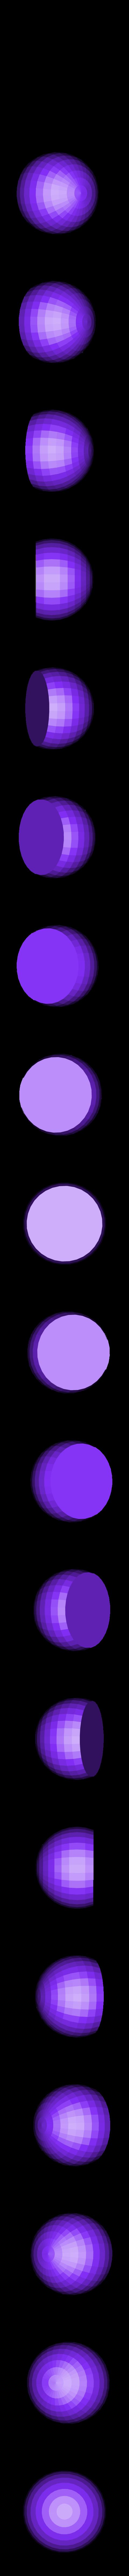 eyeball.stl Télécharger fichier STL gratuit Boucles d'Ornement et d'Oreilles de Chat • Objet pour impression 3D, Girthnath